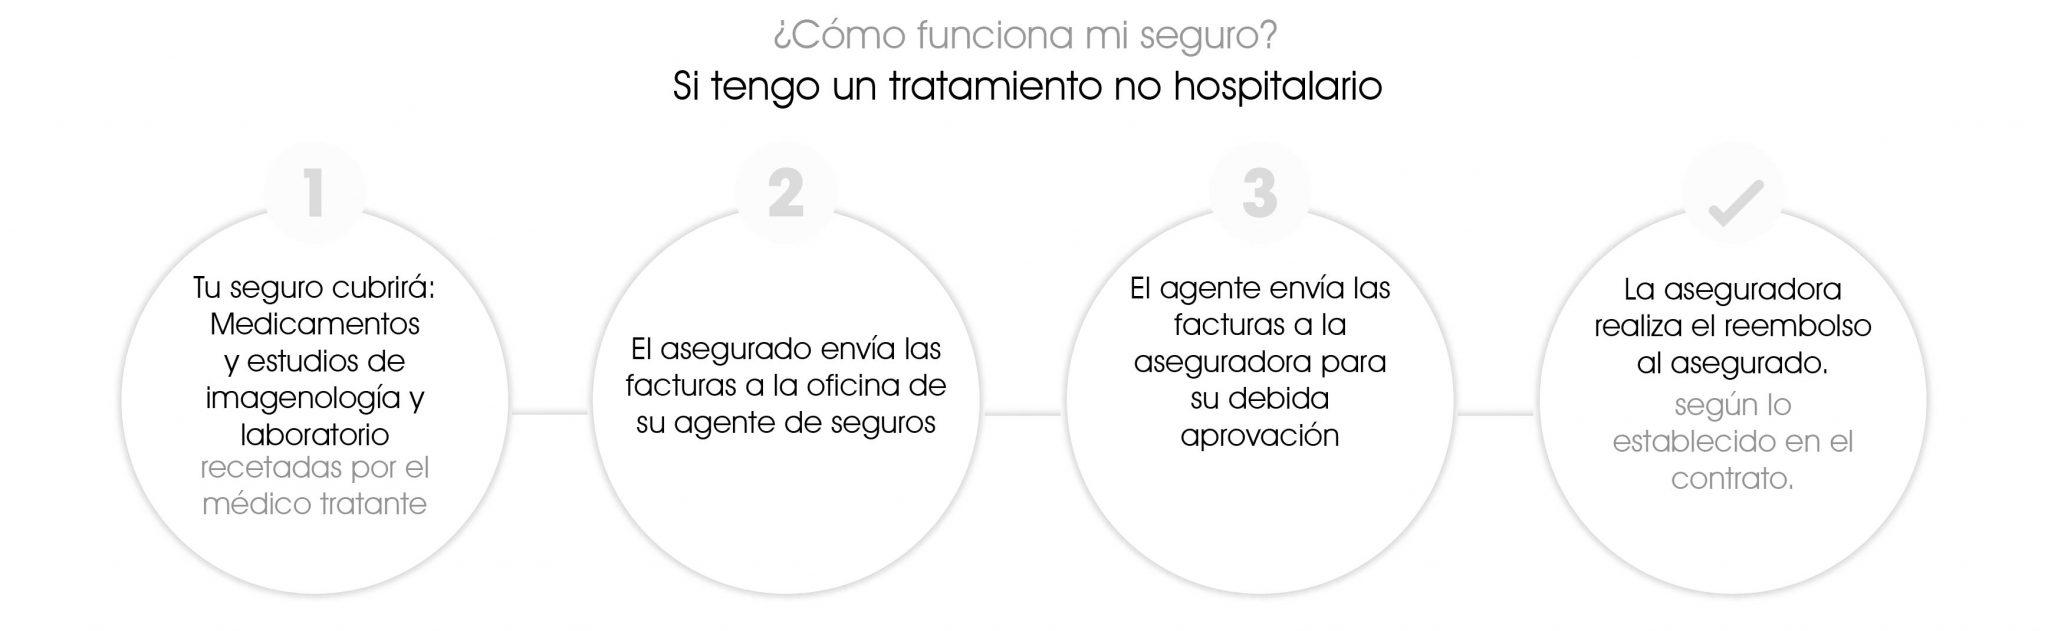 seguro medico tratamiento no hospitalario